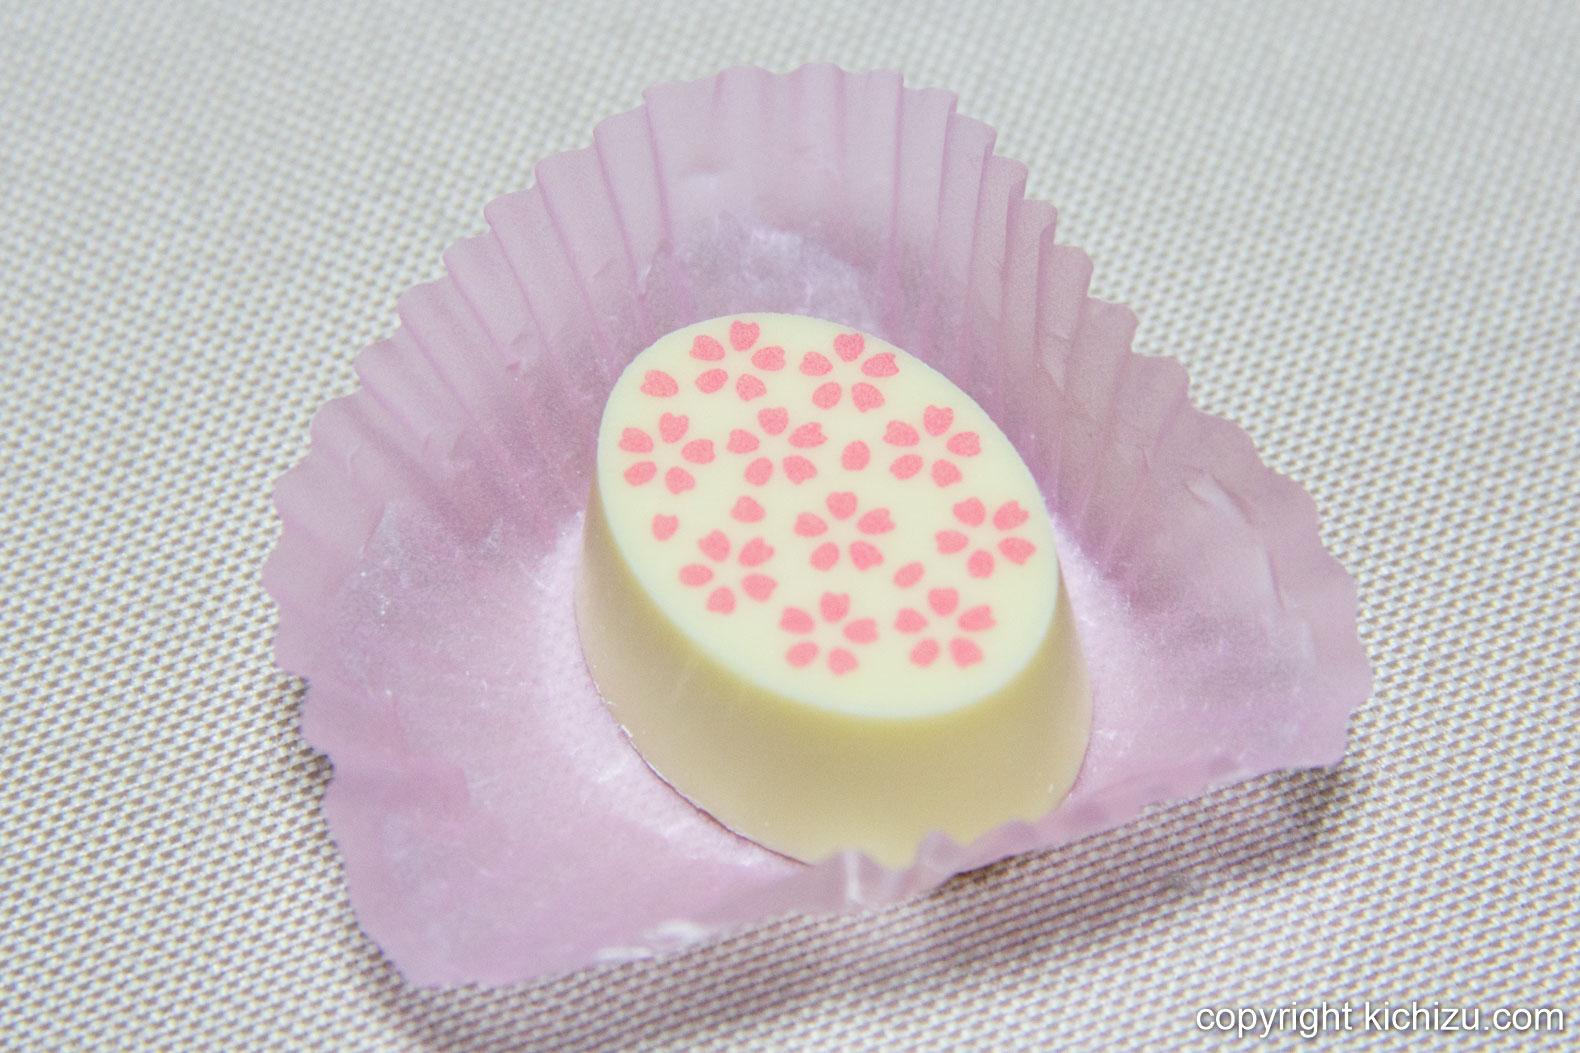 ホワイトチョコに桜が描かれたチョコレート